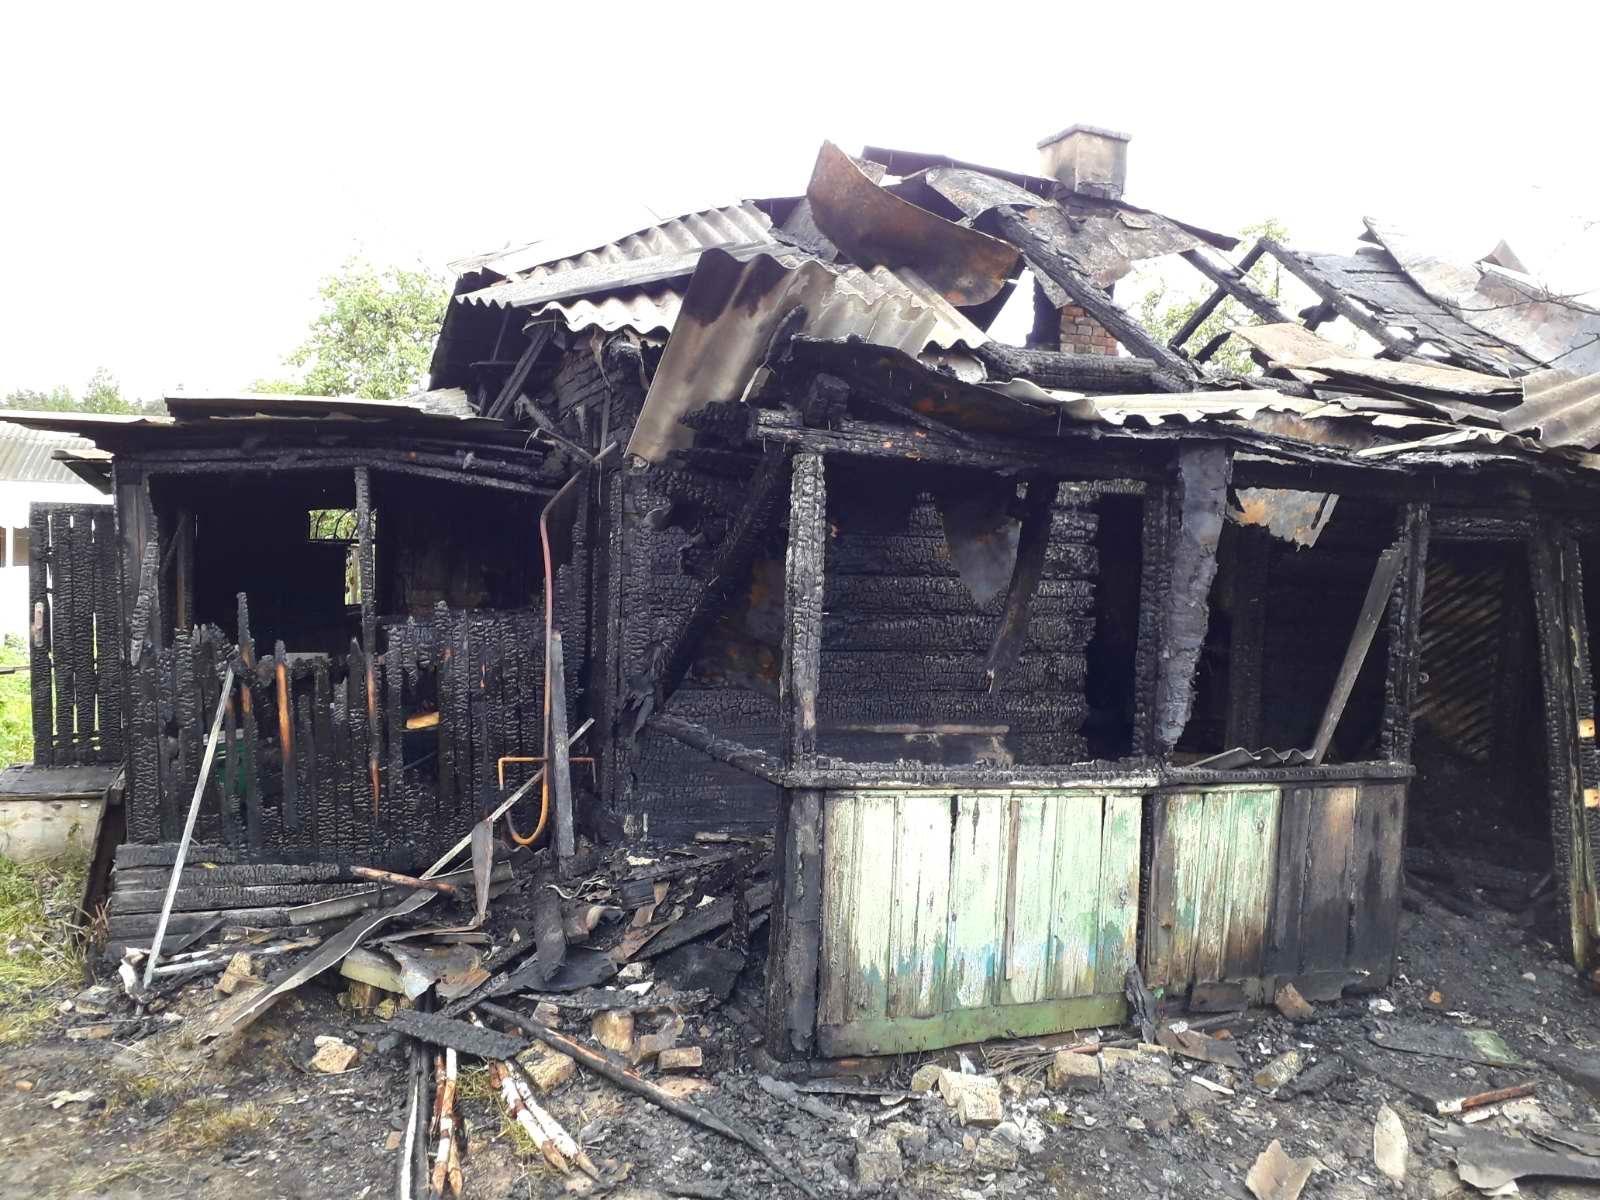 На Київщині 65-річний чоловік загинув під час пожежі у власному будинку - пожежа будинку, Пісківка - 02